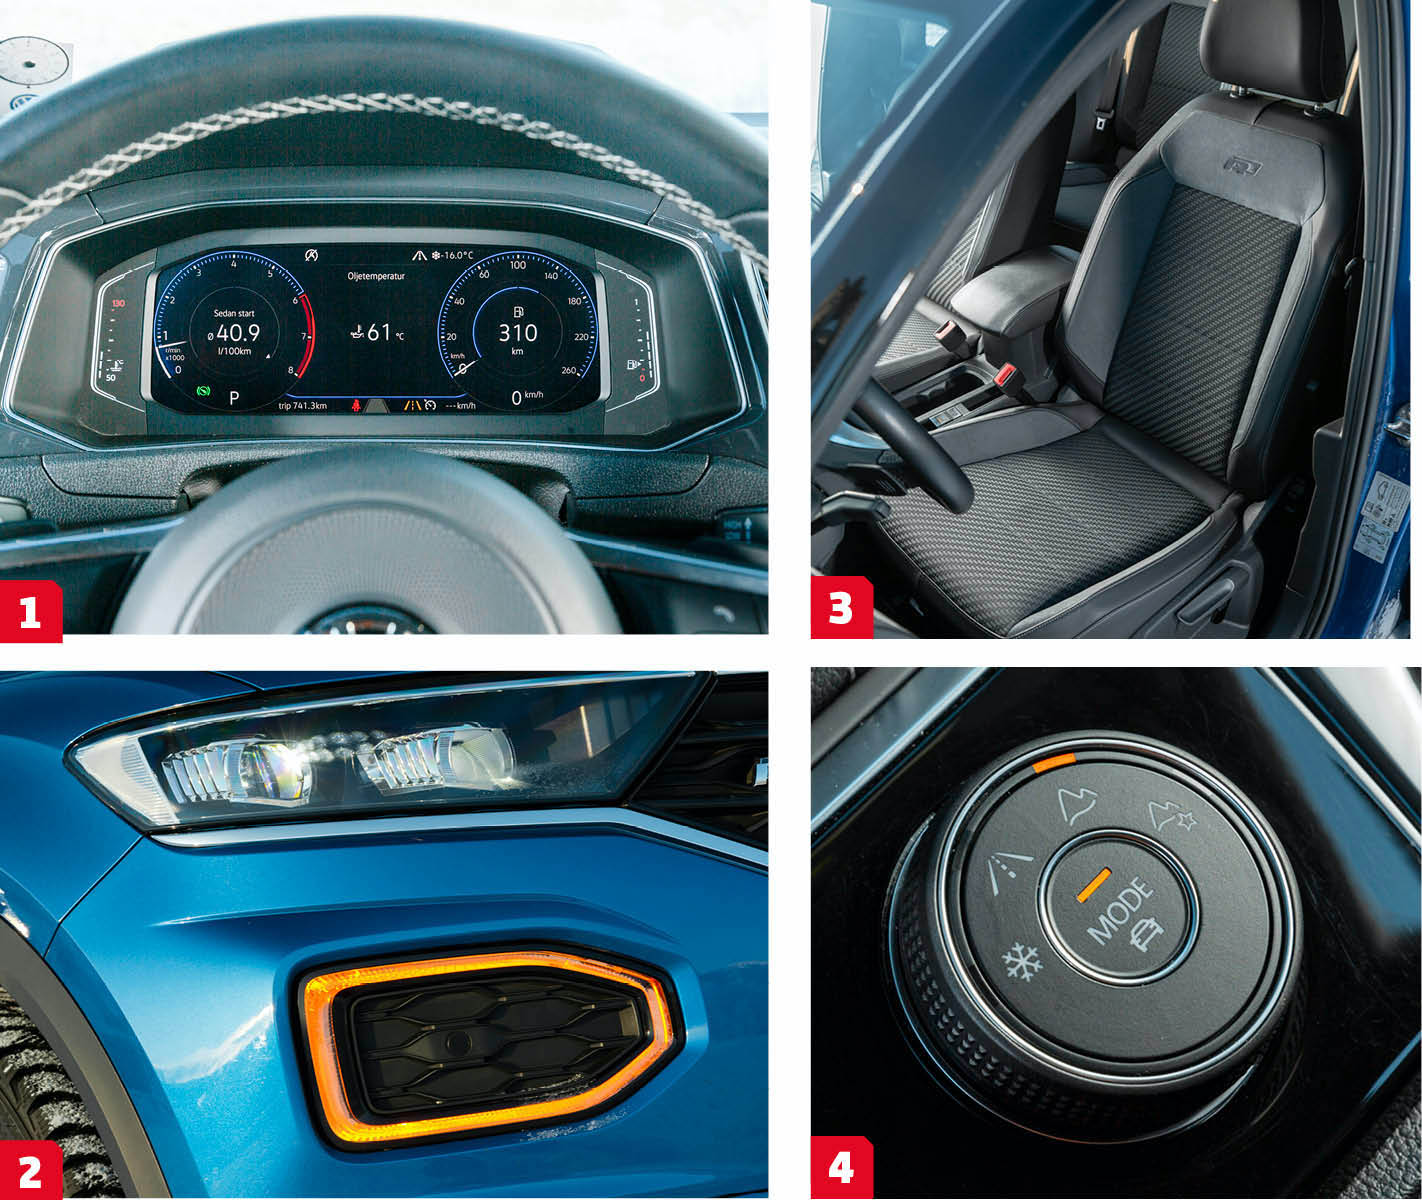 """Volkswagen: 1. En bekant syn, samma instrumentdisplay används i bland annat VW Polo och Passat. De """"analoga"""" mätarna har något små siffror. Det går att ändra till en annan vy med tydligare, digitala, siffror. 2. Det ska mycket till för att man ska missa en blinkande T-Roc, hela DRL-ljuset förvandlas till blinkers. 3. Bekväm sportstol i R-Lineutförande. Svankstöd justeras """"på pinne"""" och då bara in/ut. 4. Körlägen för mer terrängkompetens. Bergskedjan markerar """"offroad"""" vilket bland annat innebär urkopplat antispinnsystem."""